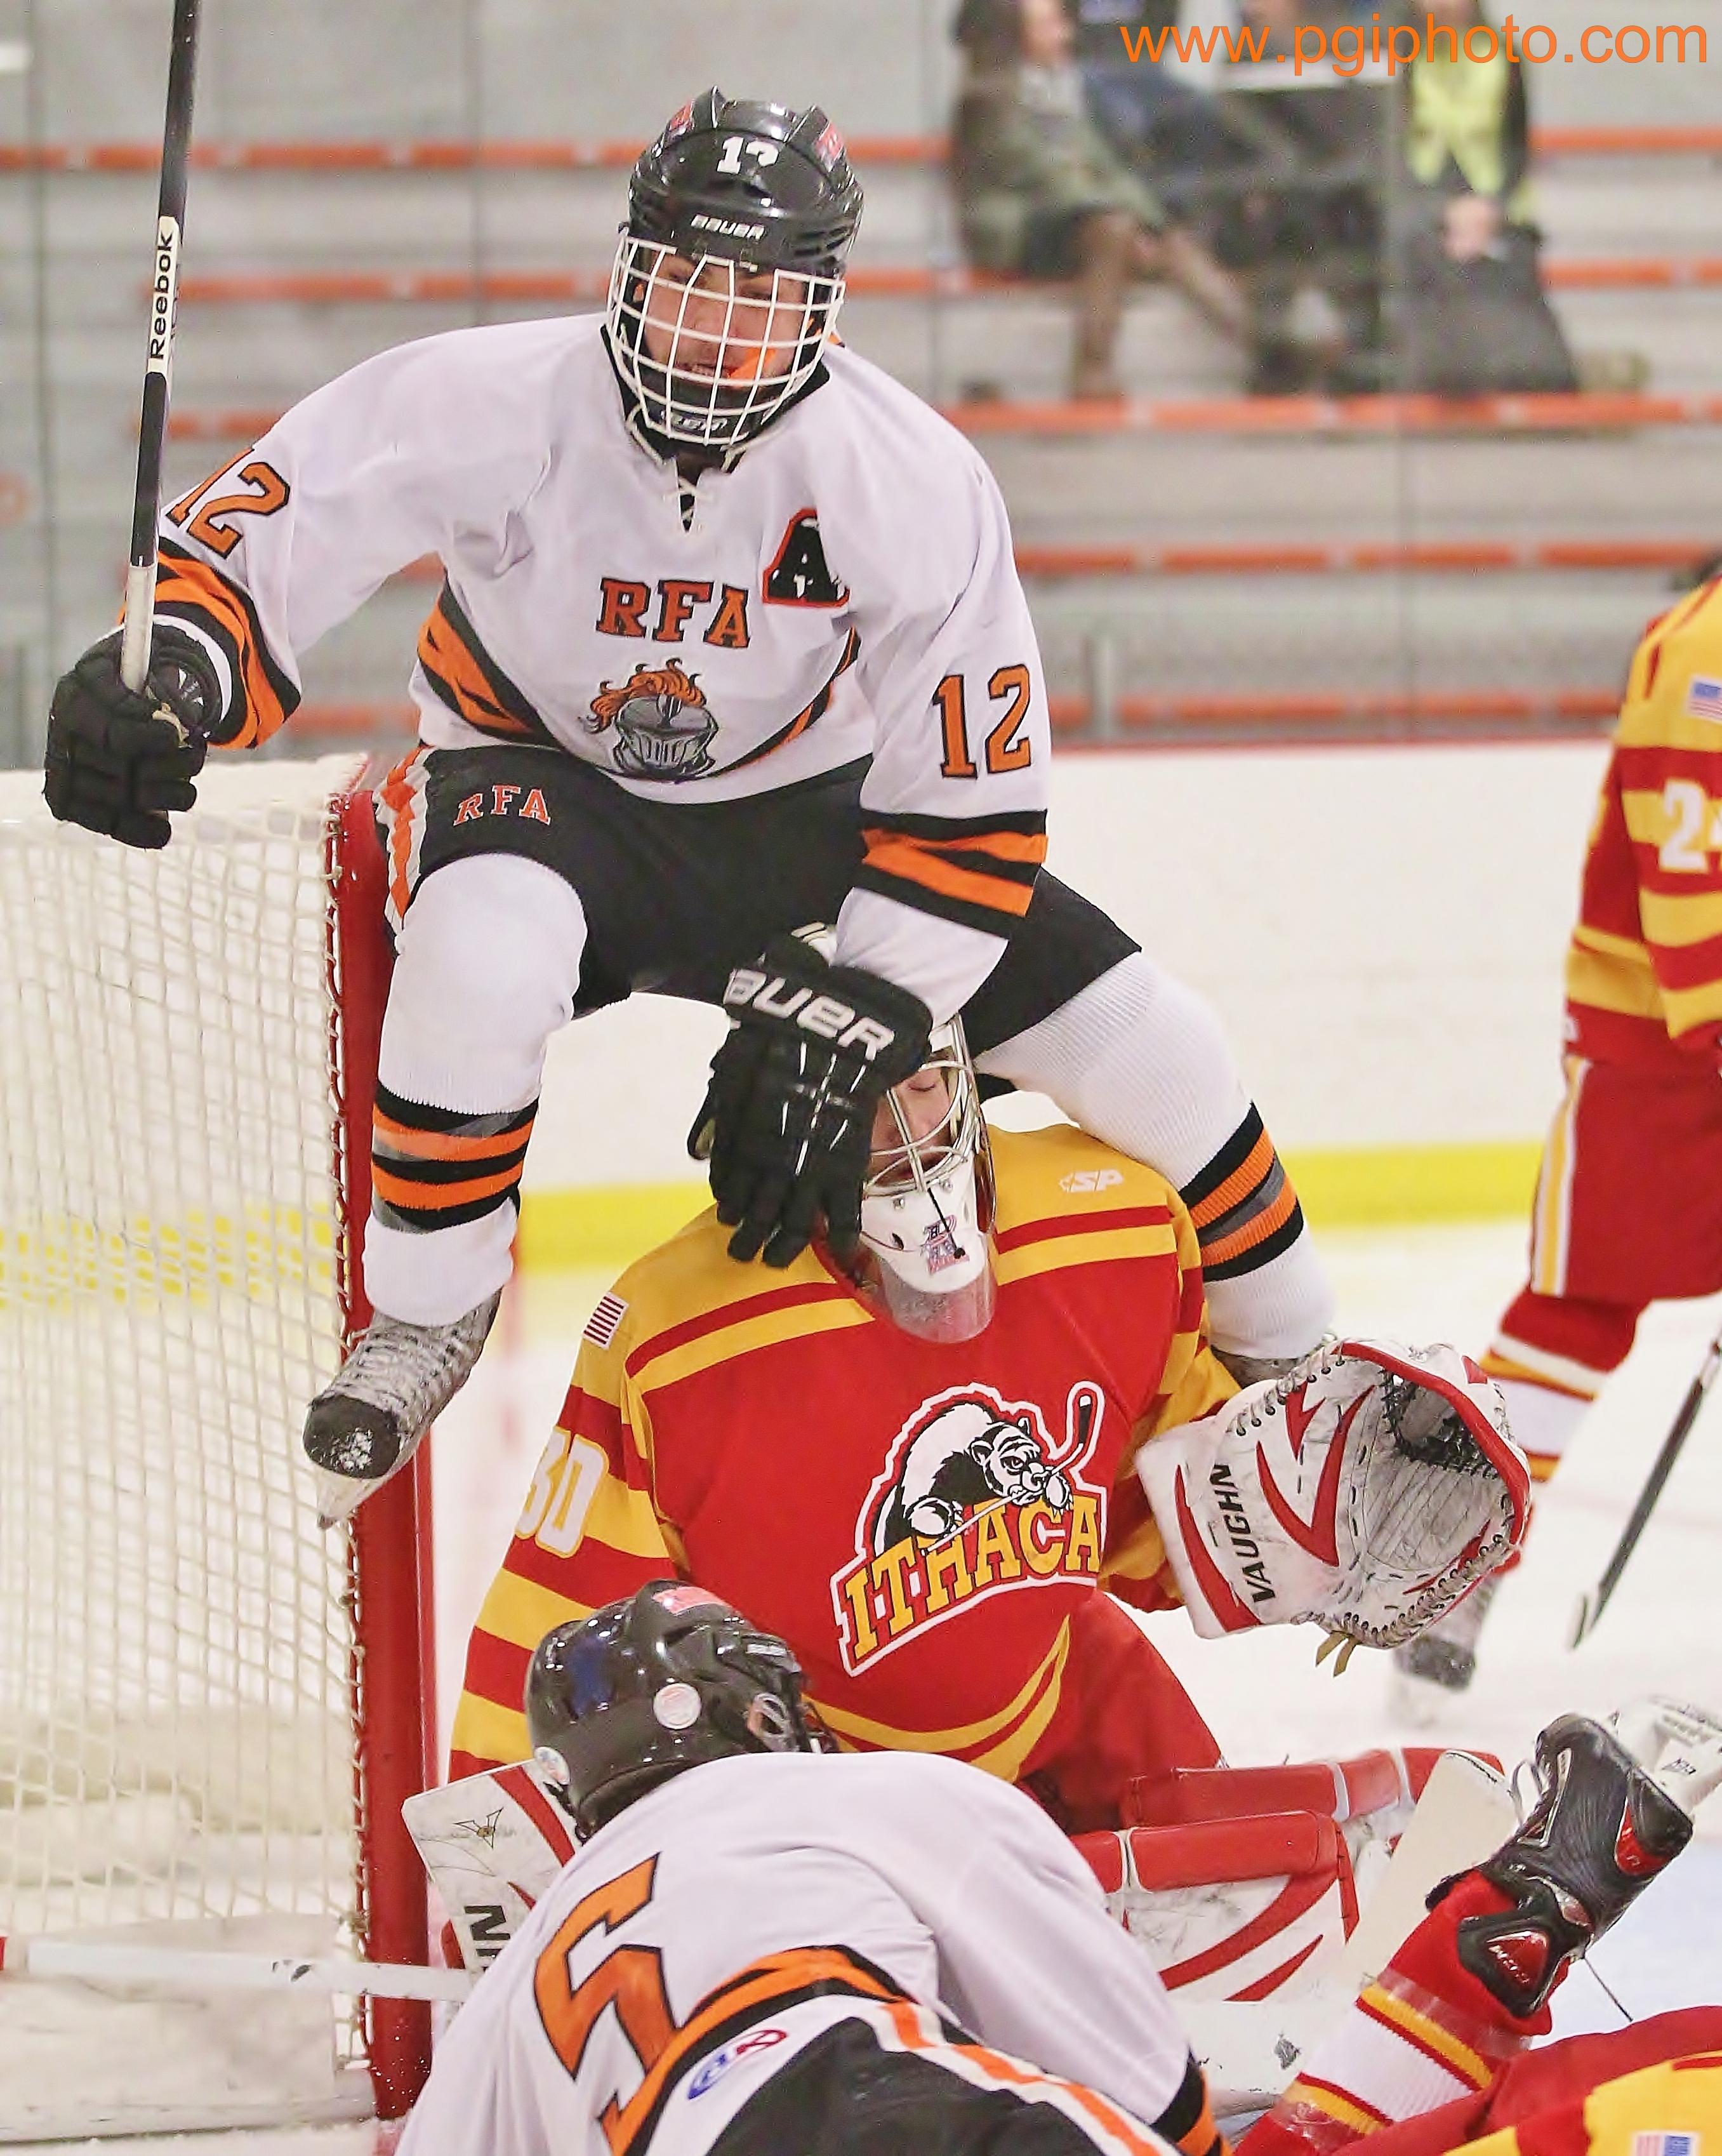 RFA vs. Ithaca Hockey